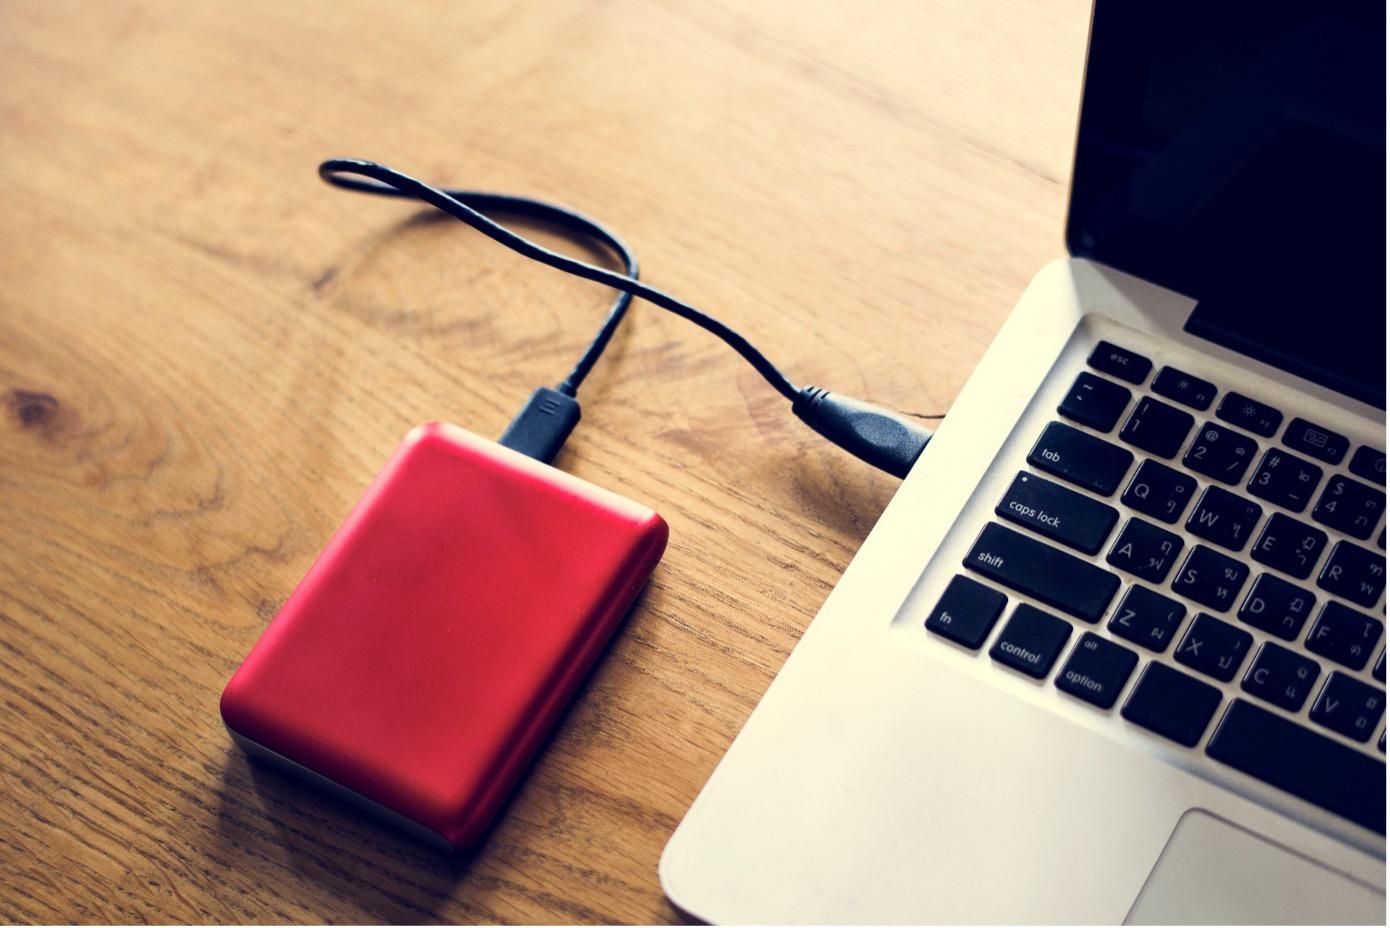 Externe HDD Festplatte am Laptop